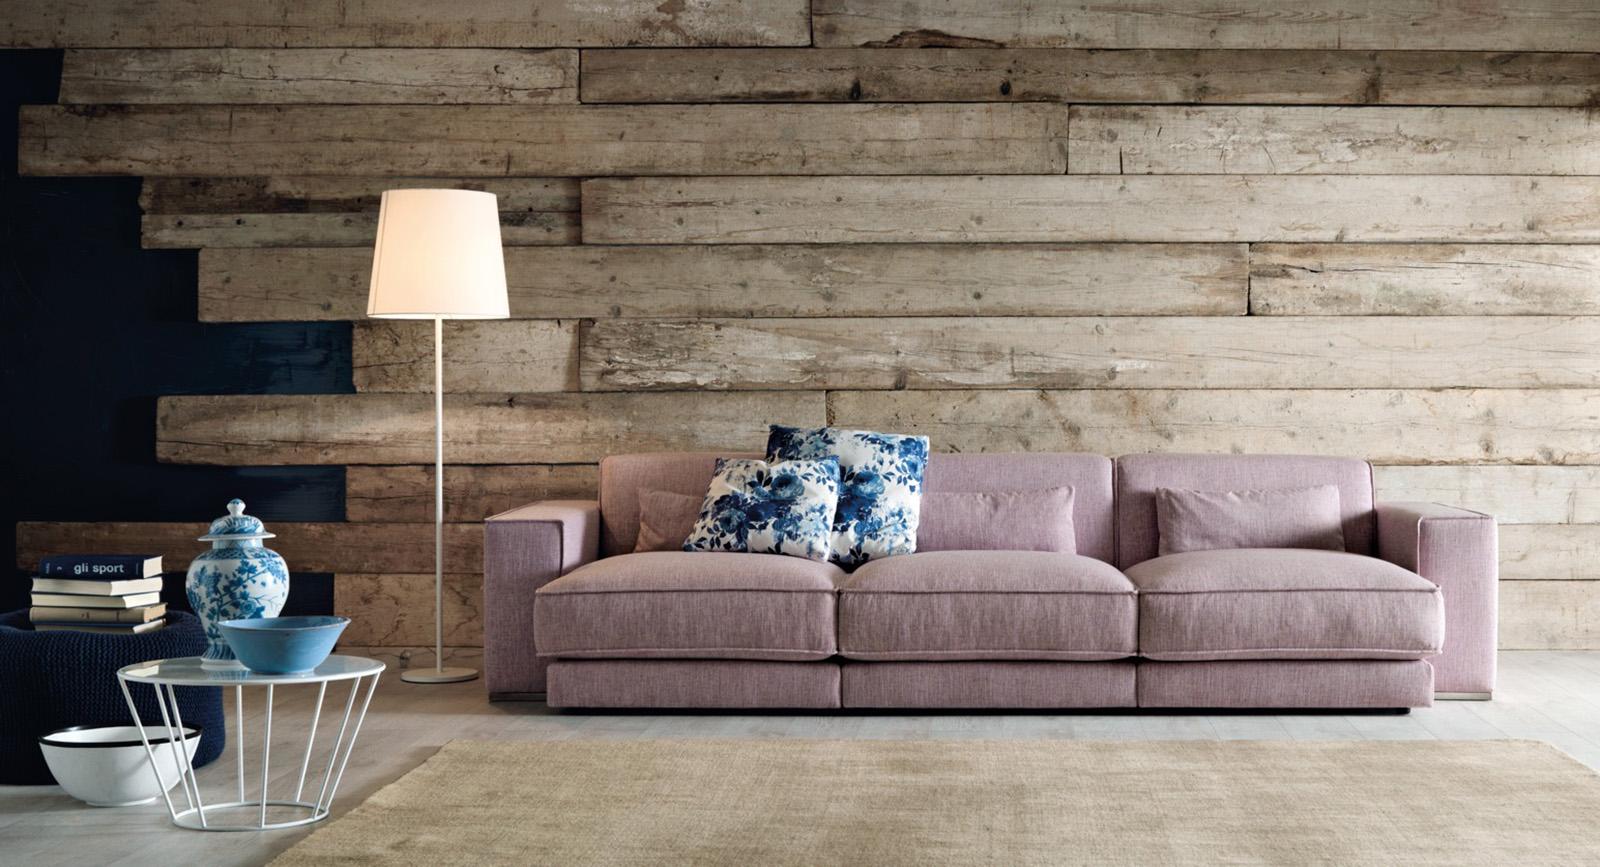 Come scegliere il divano giusto per il soggiorno casa di stile - Pulire divano tessuto ...